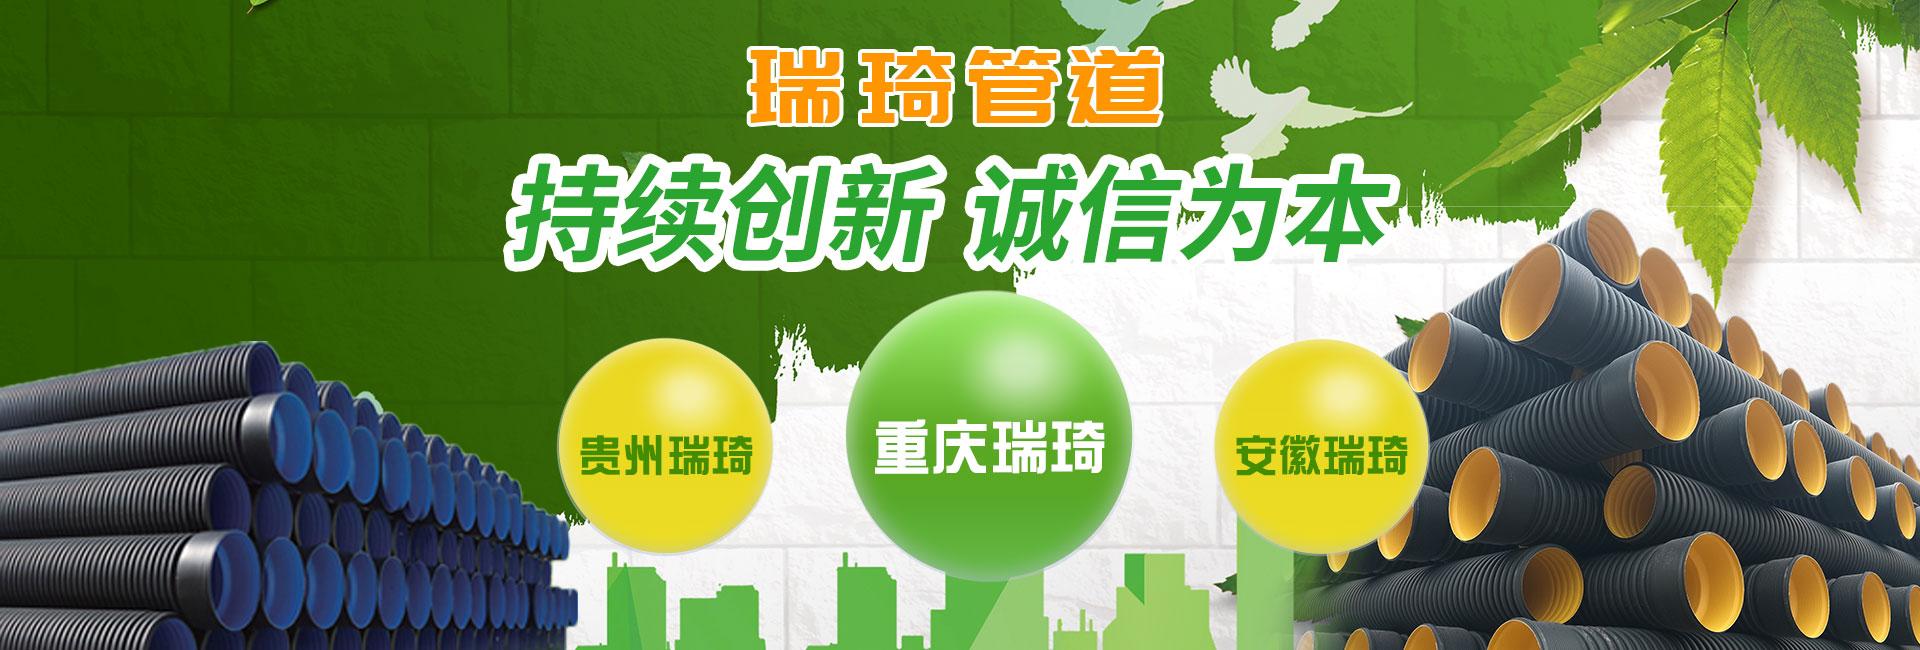 重庆塑胶管道厂家